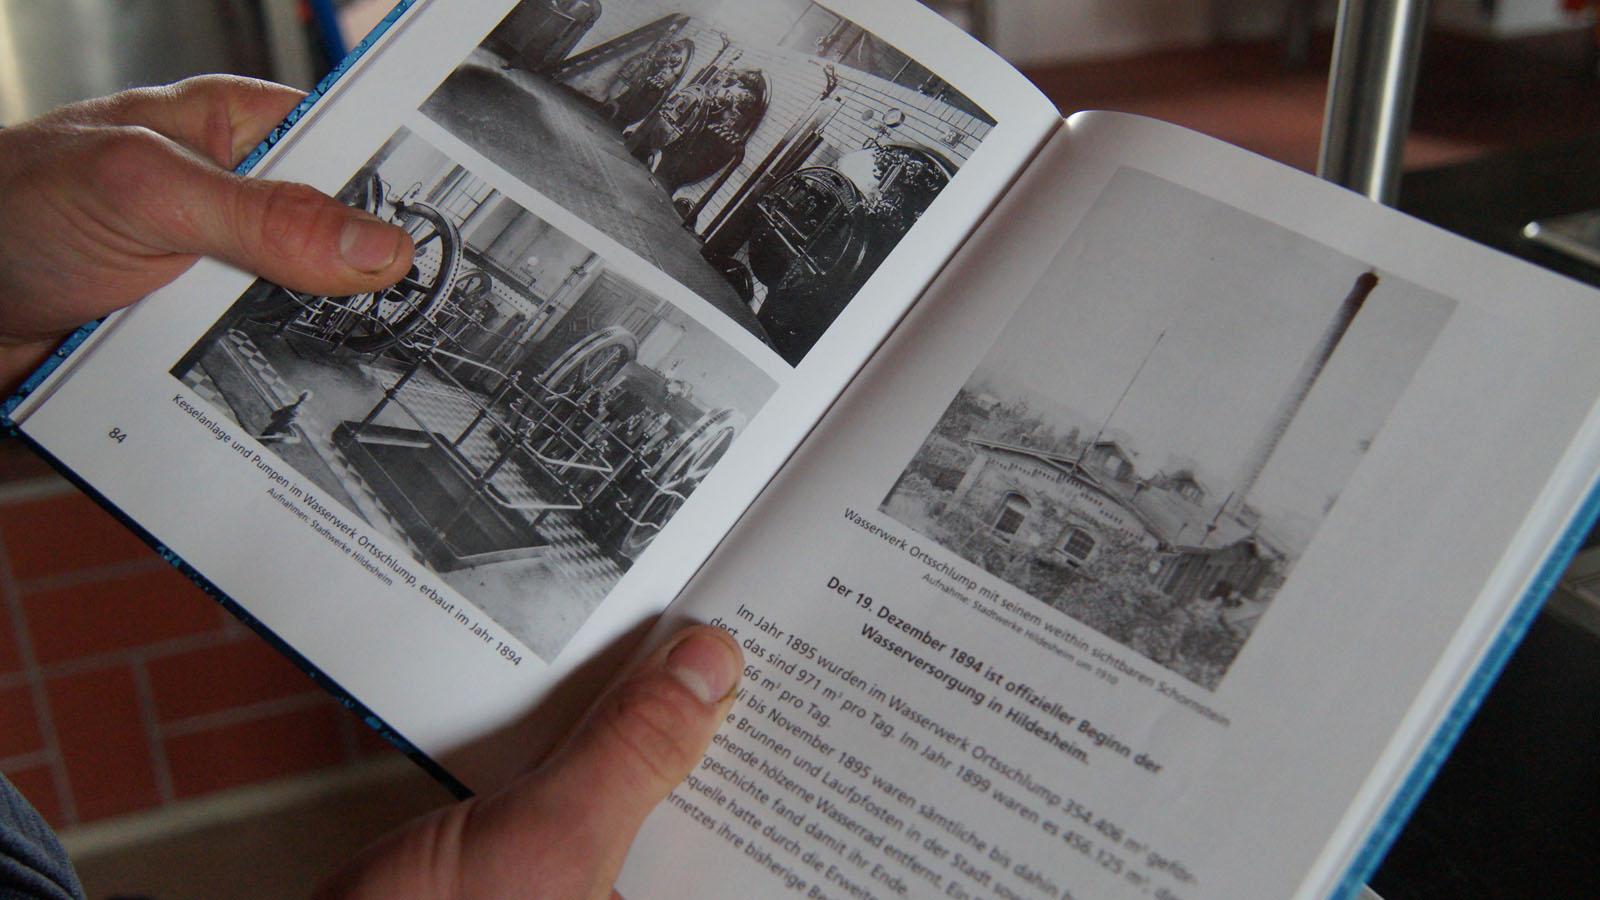 Das alte Wasserwerk in Hildesheim vs. die neue Braumanufaktur